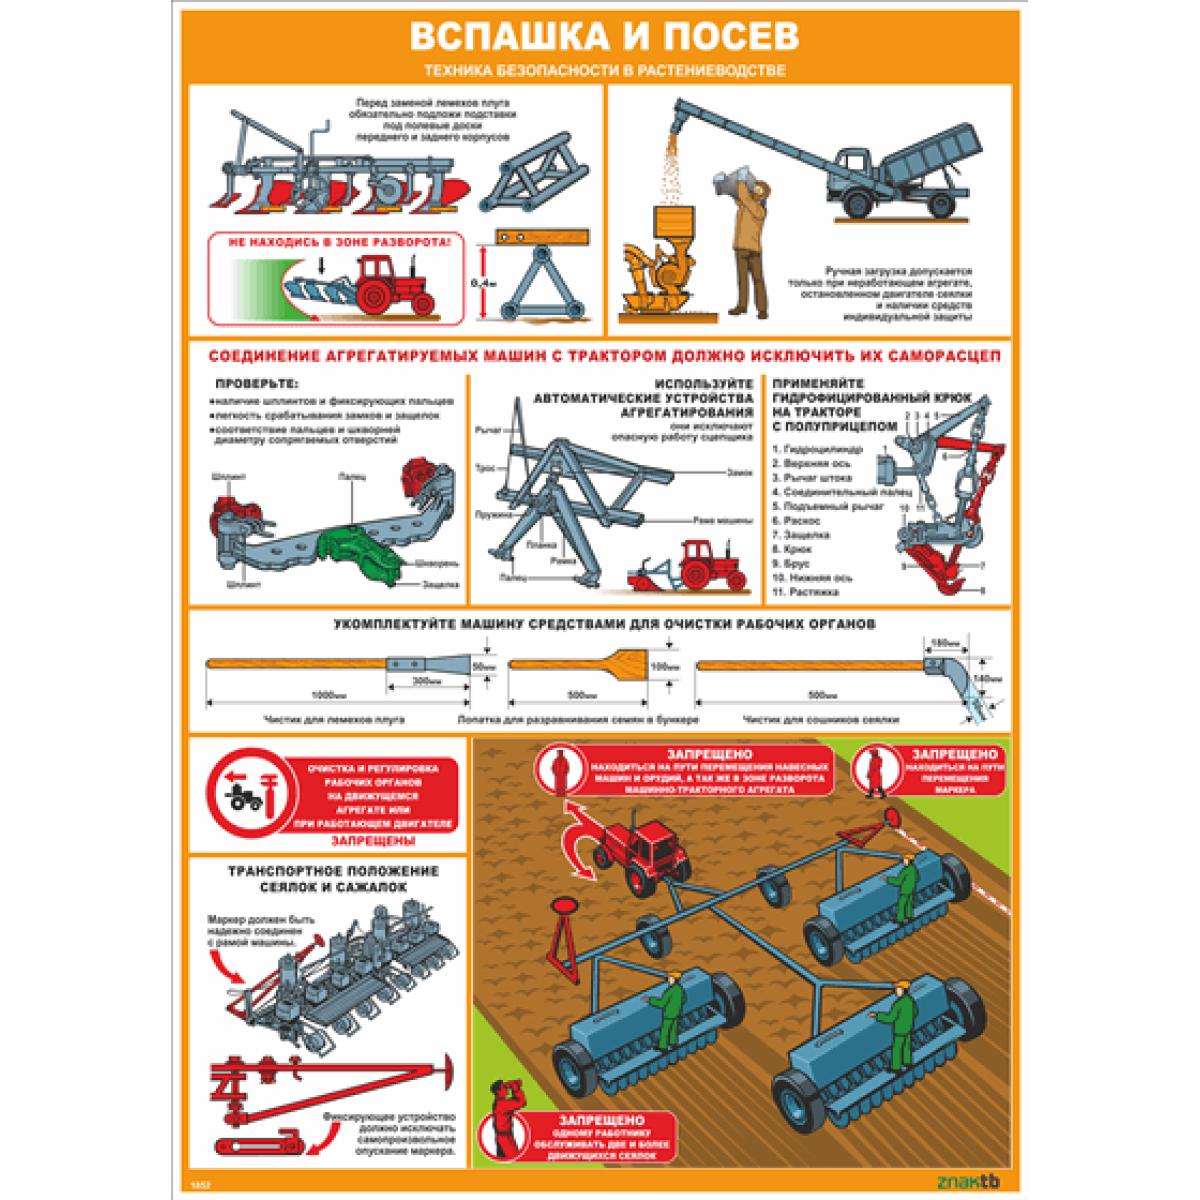 Стенд-плакат Вспашка и посев. Техника безопасности в растениеводстве